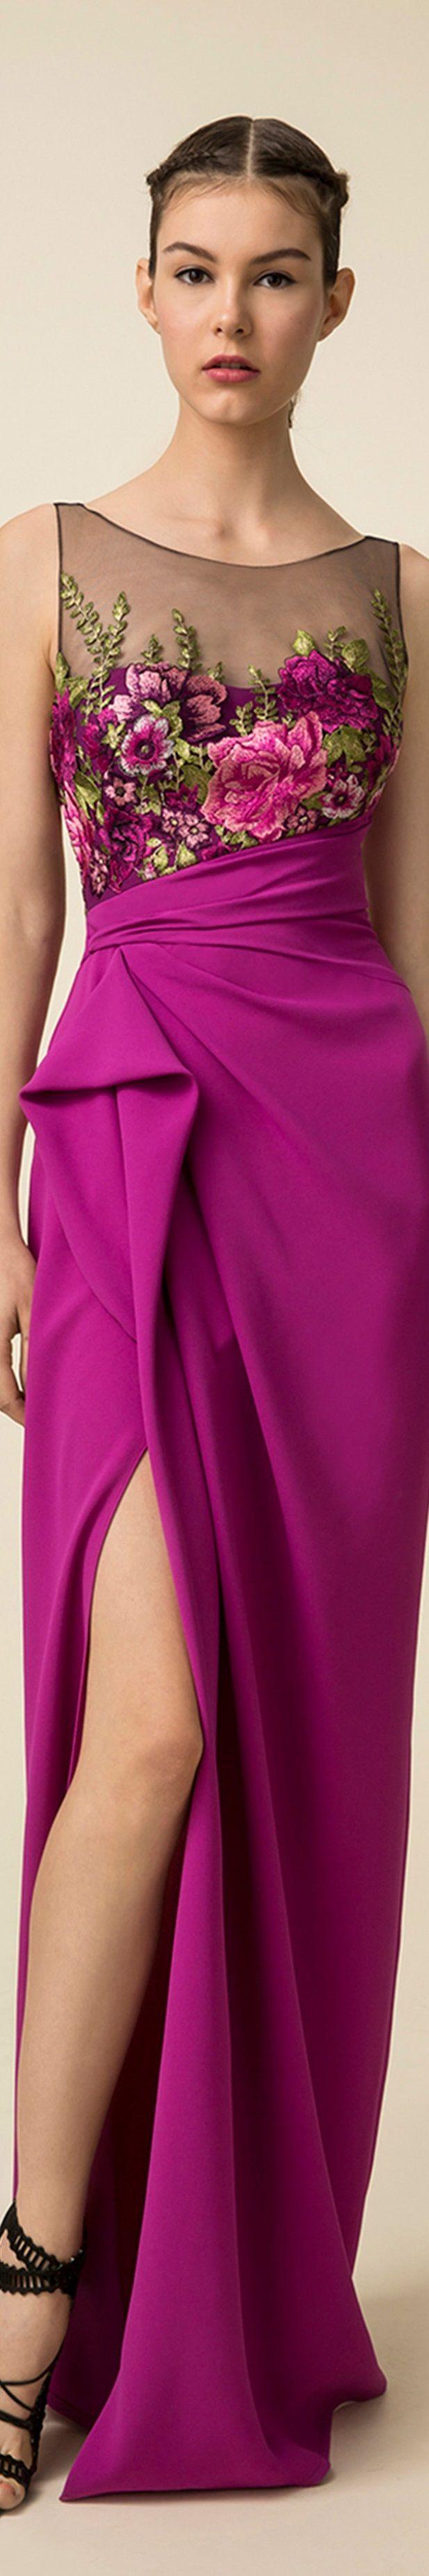 Perfecto Señoras Vestidos De Dama Uk Cresta - Ideas de Vestidos de ...